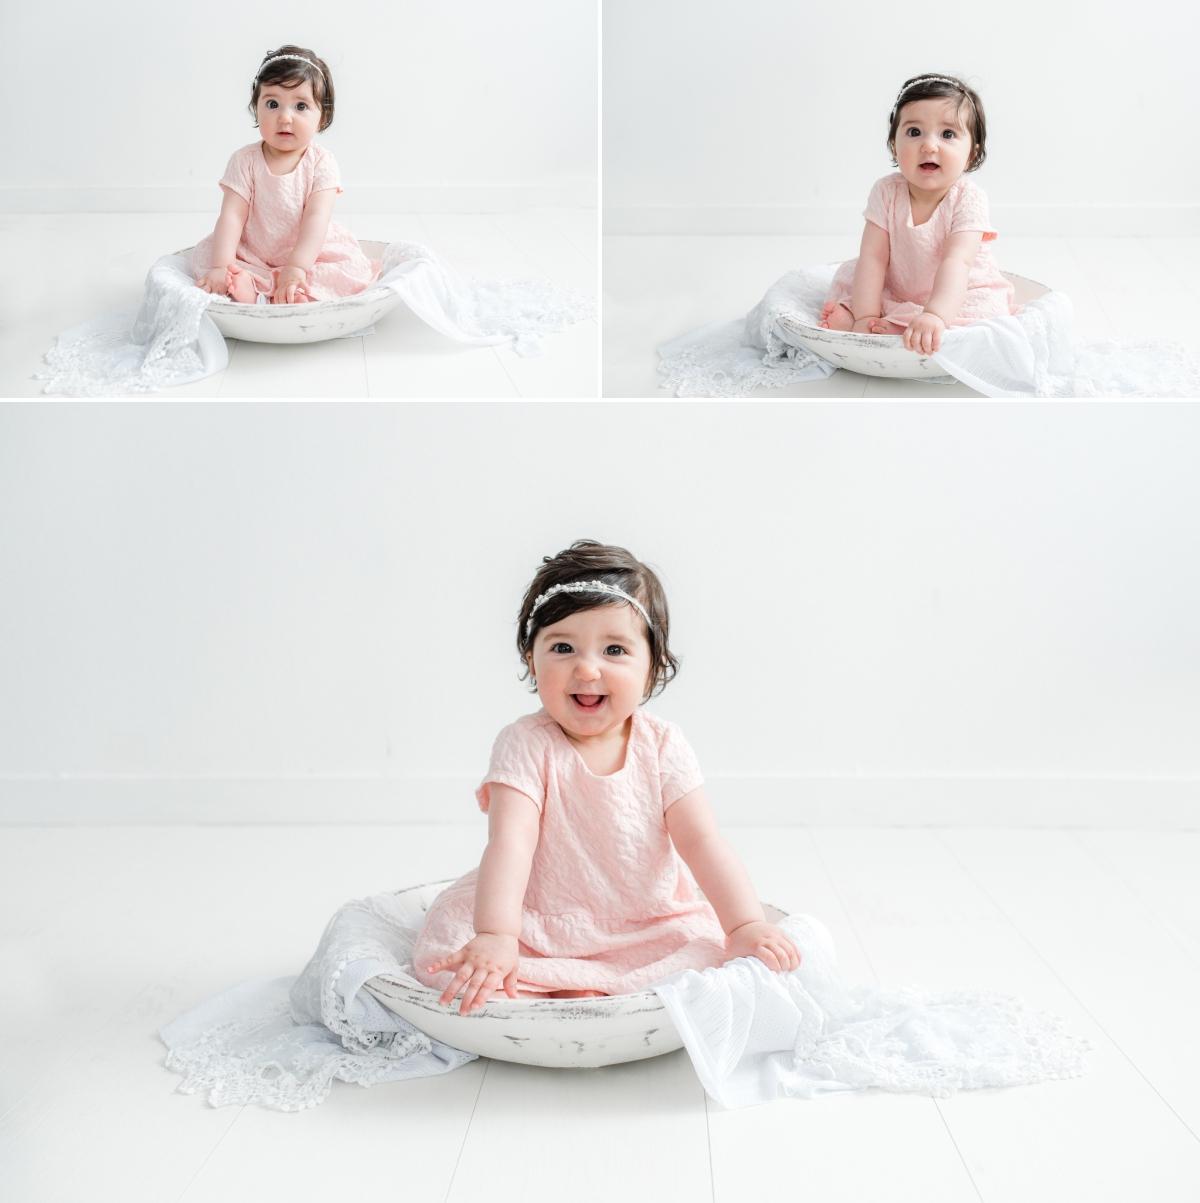 bébé souriant assis dans un bol en bois